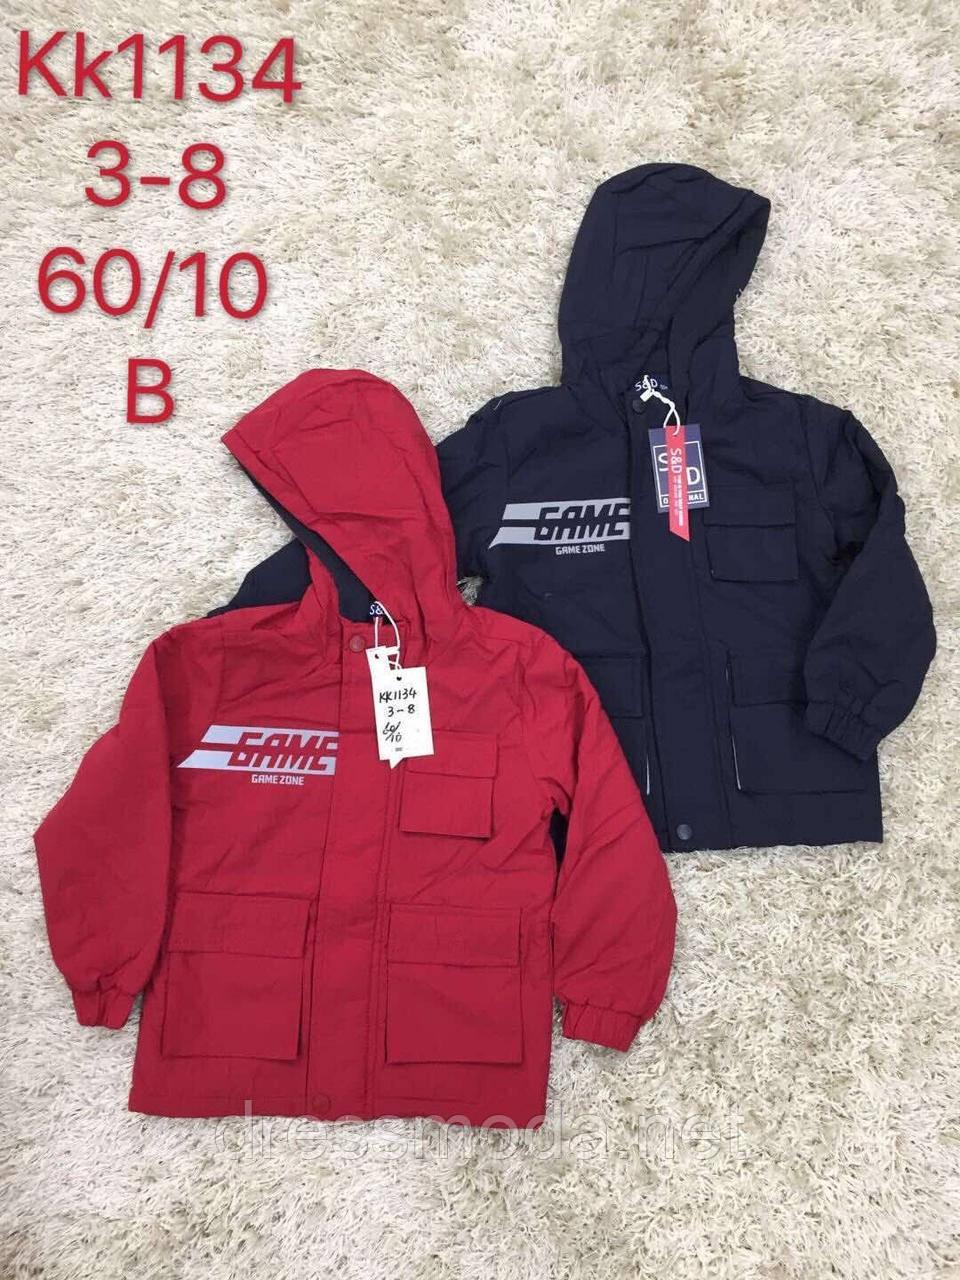 Куртки со светоотражающими элементами для мальчиков S&D 3/4-7/8 лет